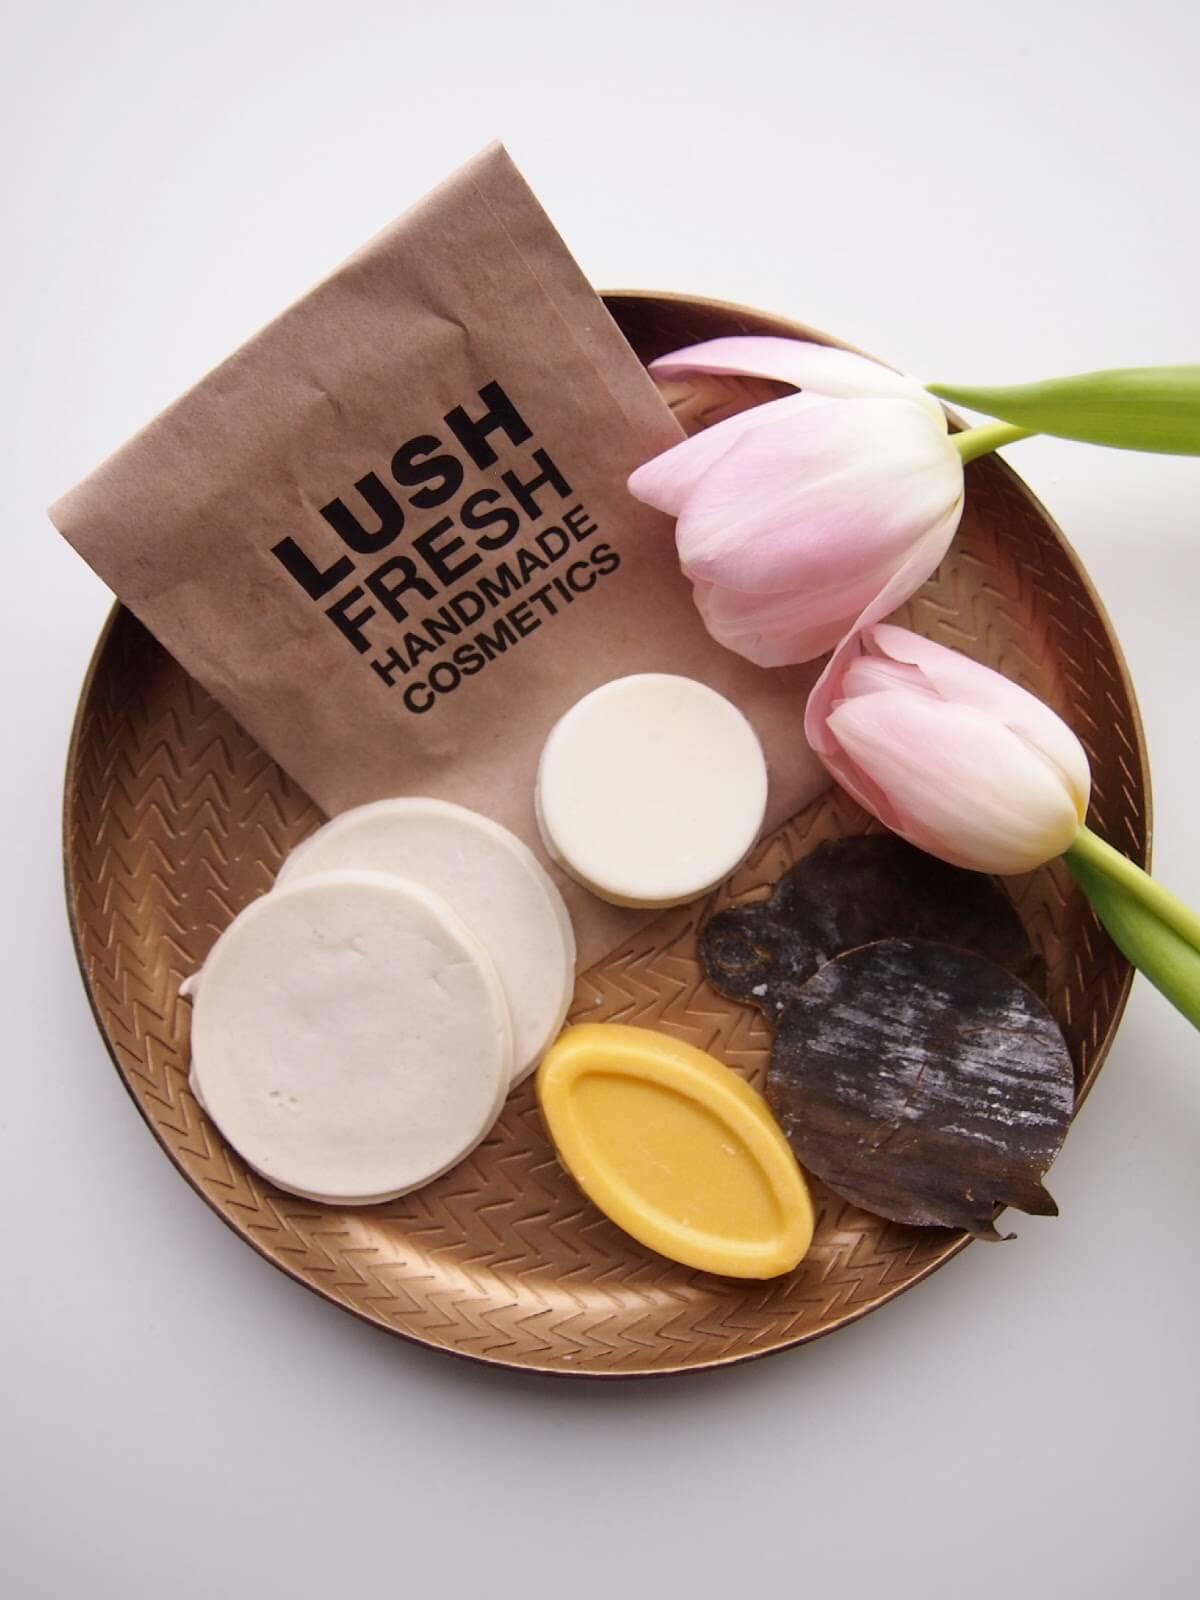 lush pakkaukseton kosmetiikka